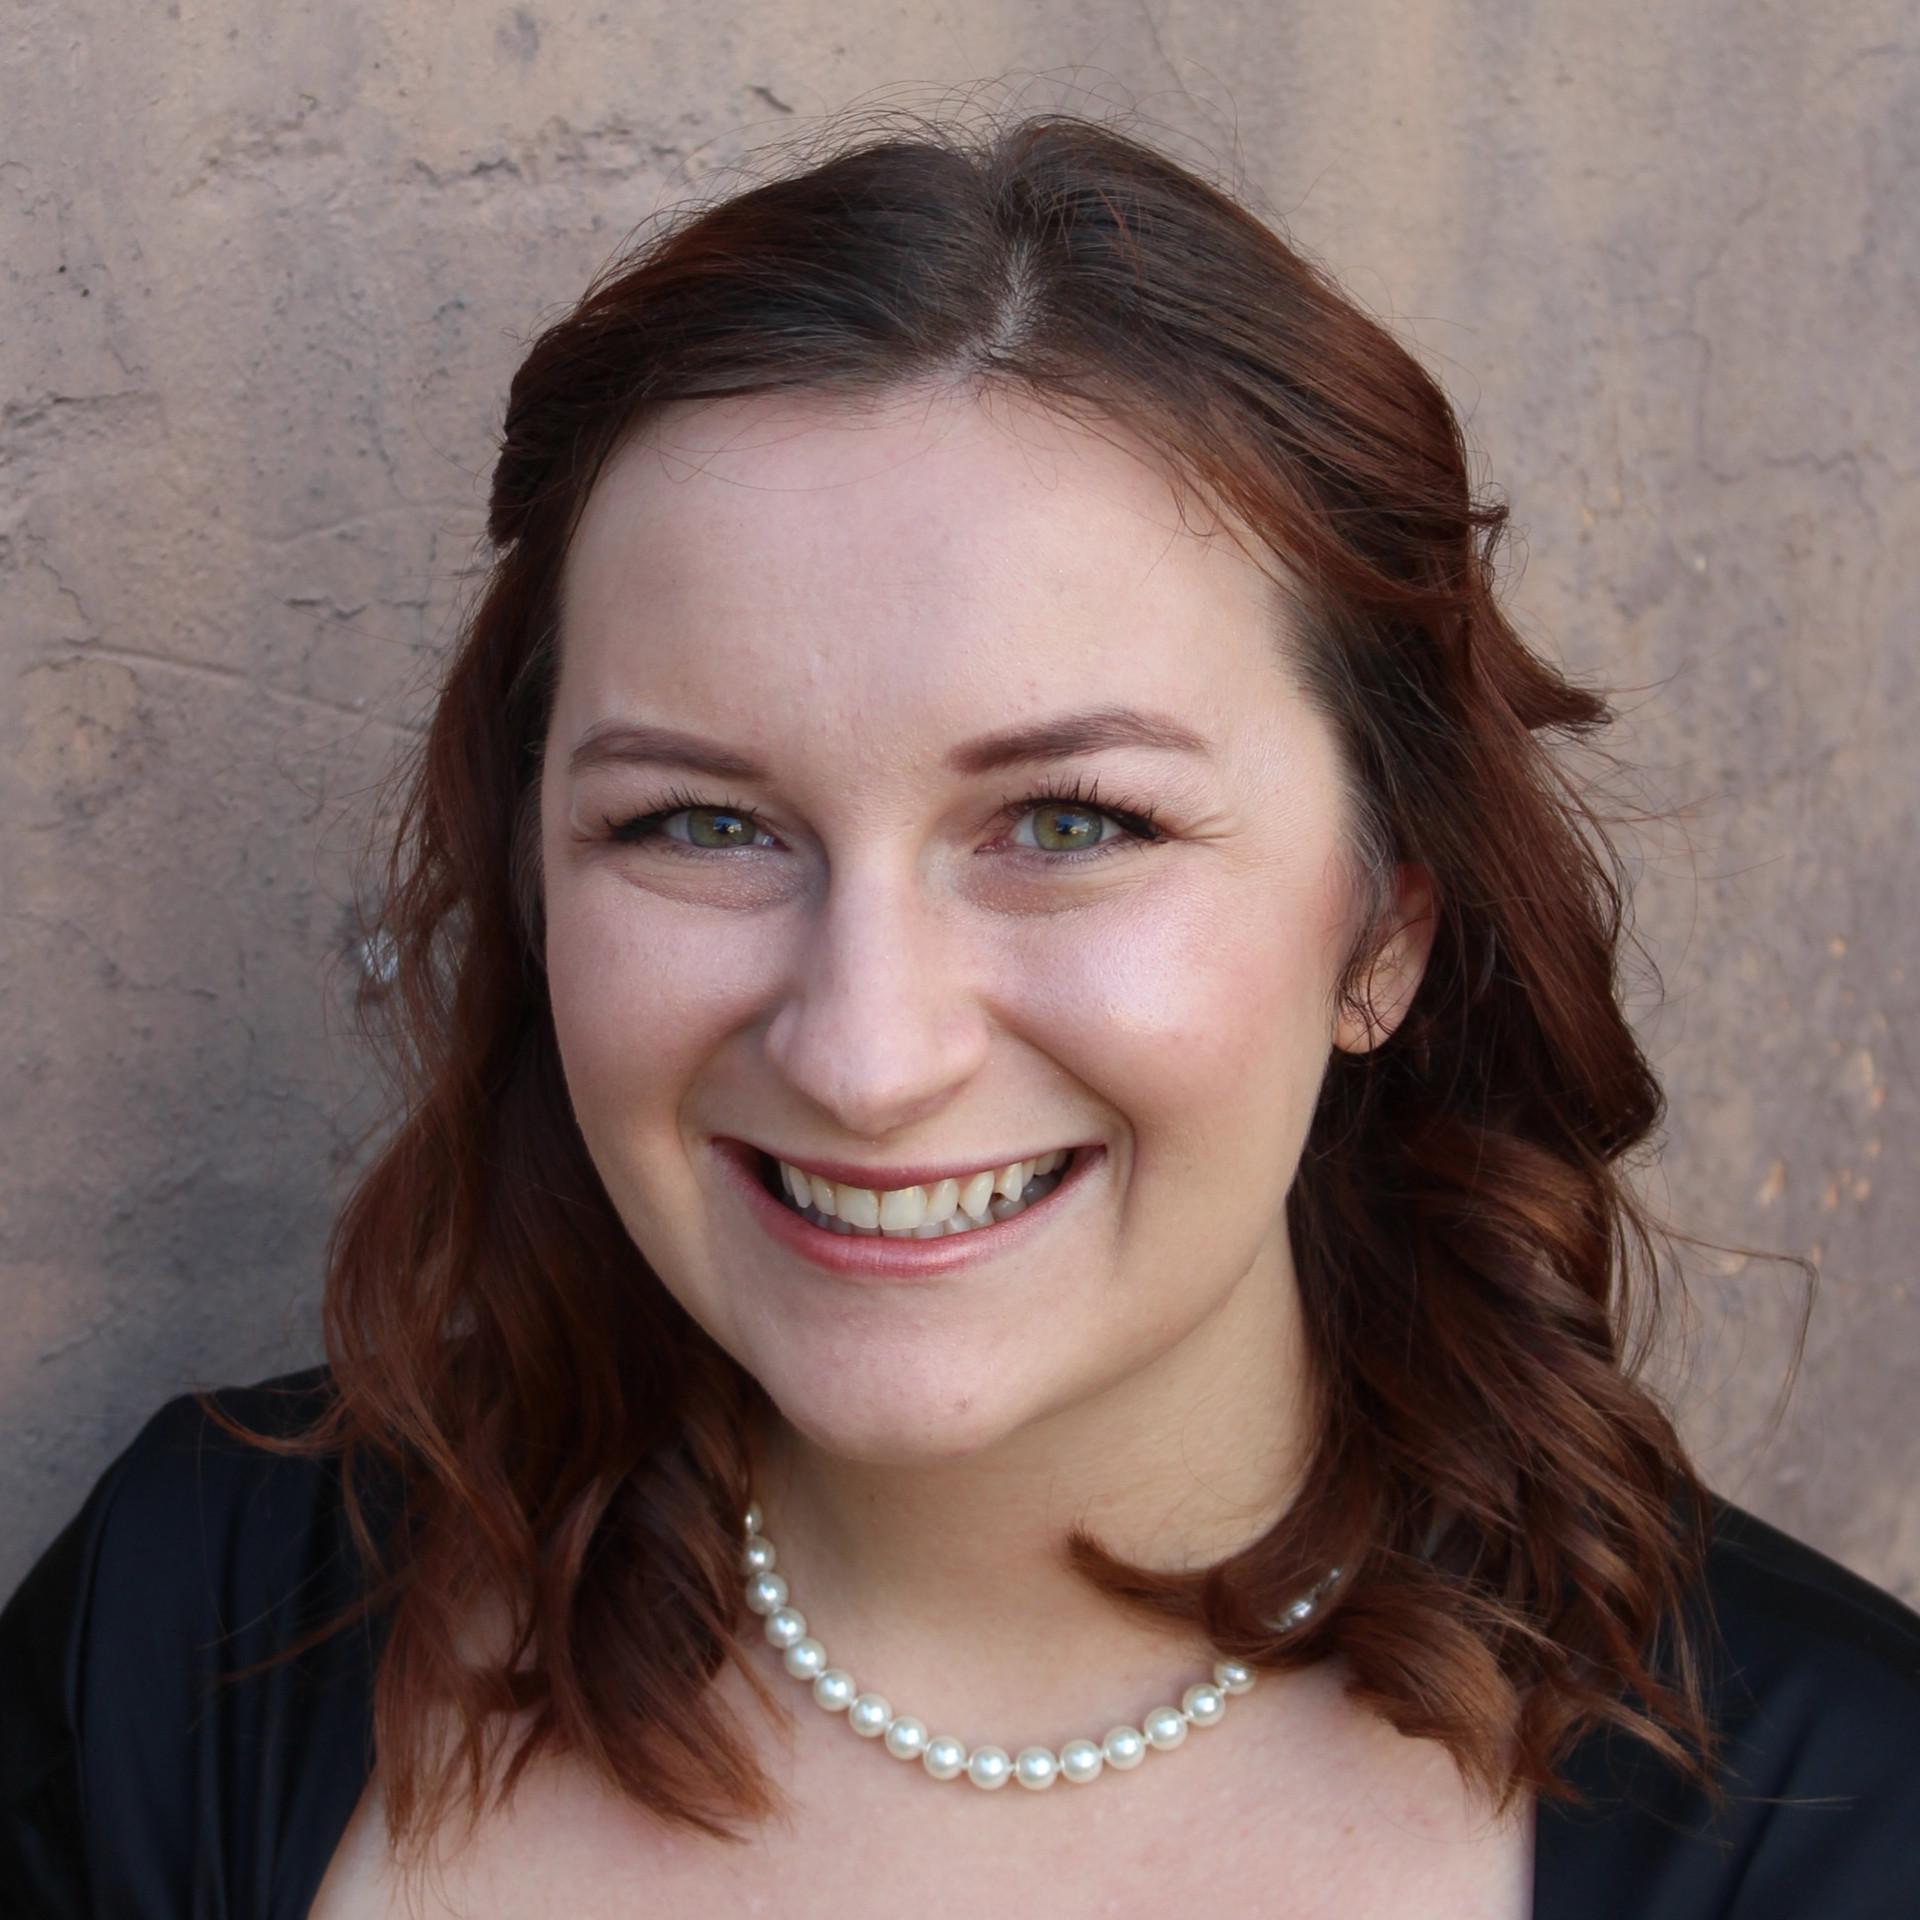 Courtney Katzmeyer